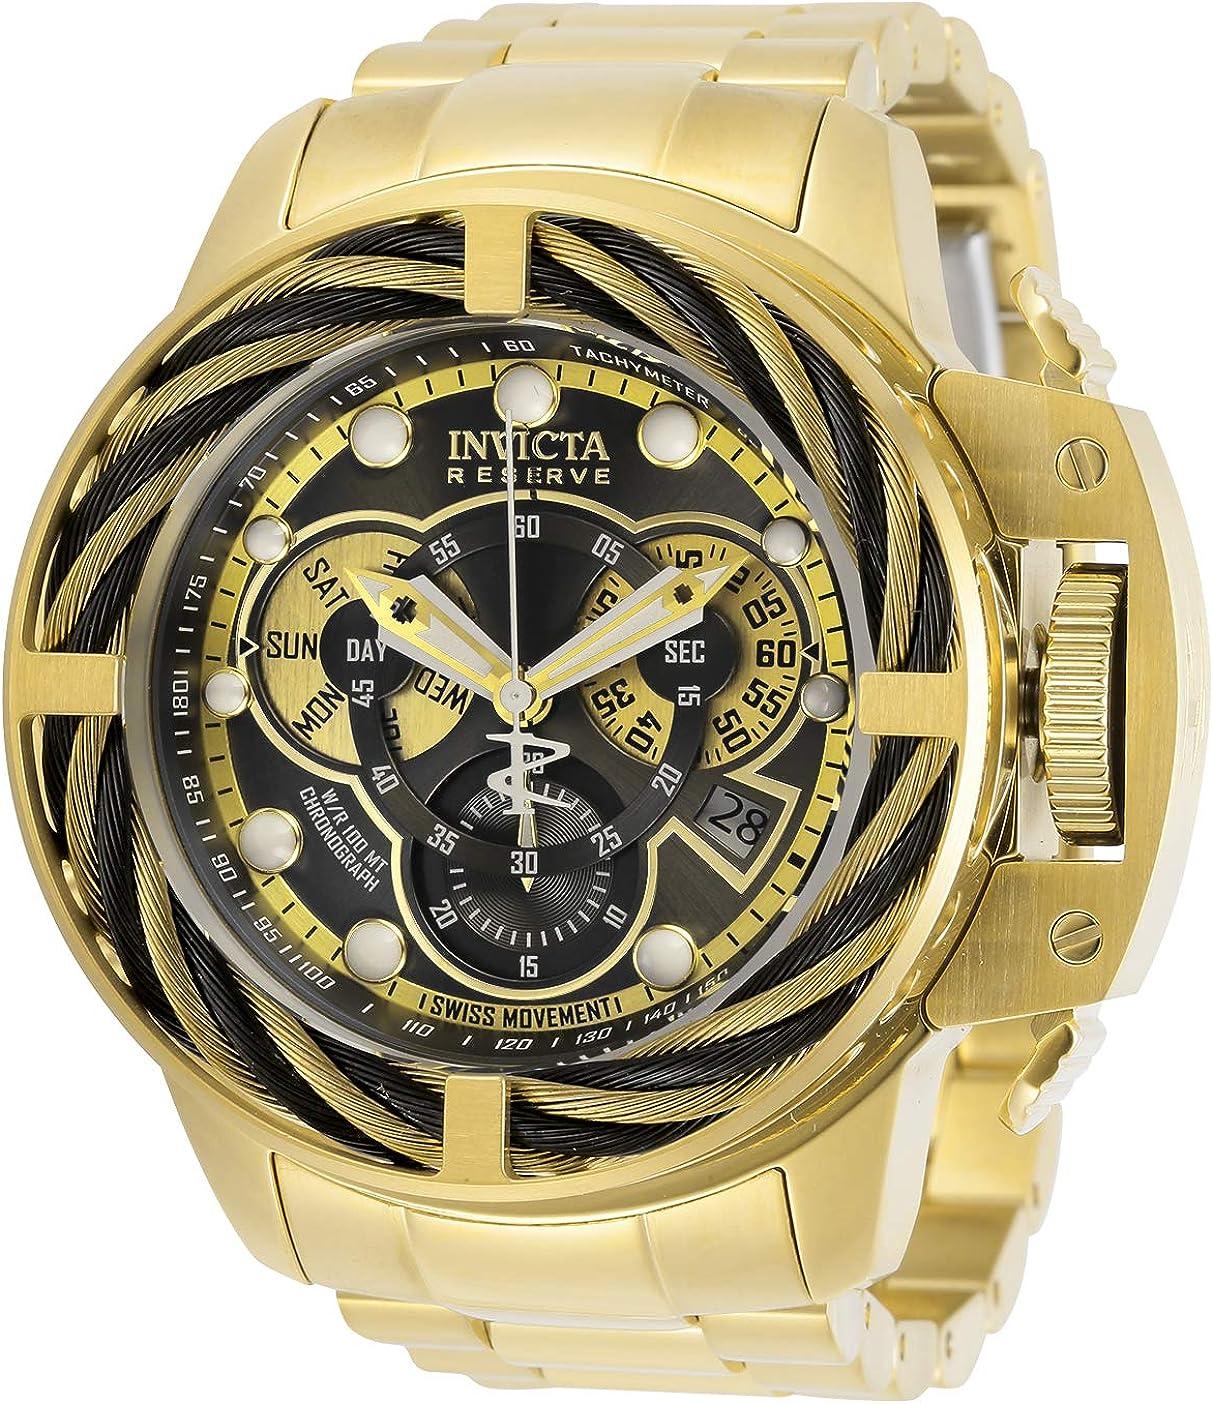 Invicta Reserve 30129 Reloj para Hombre - 50.5mm